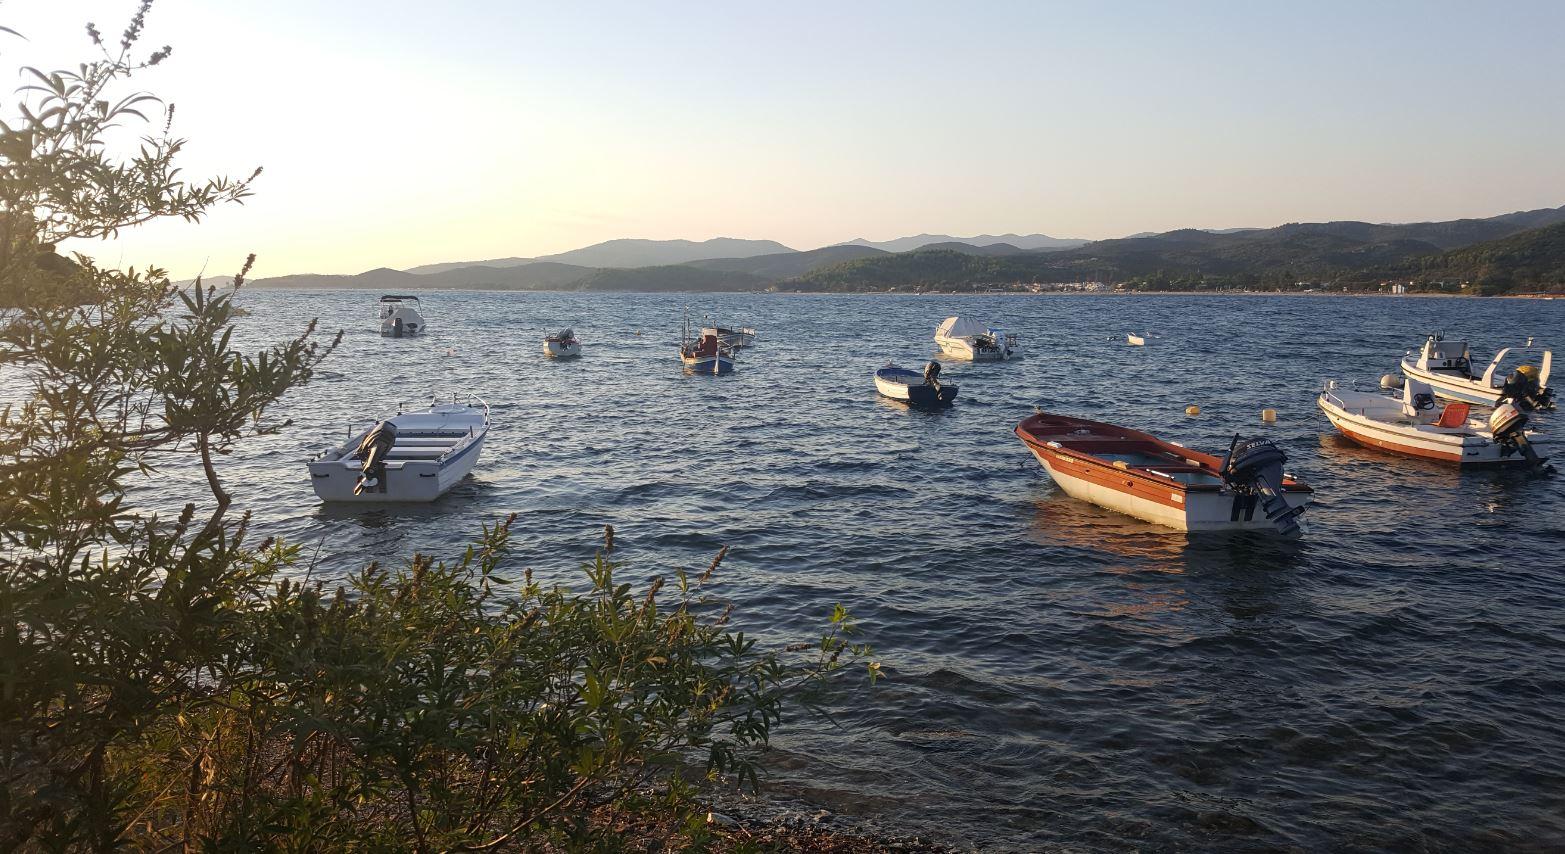 Toroni 4.0 - Grecia 2017